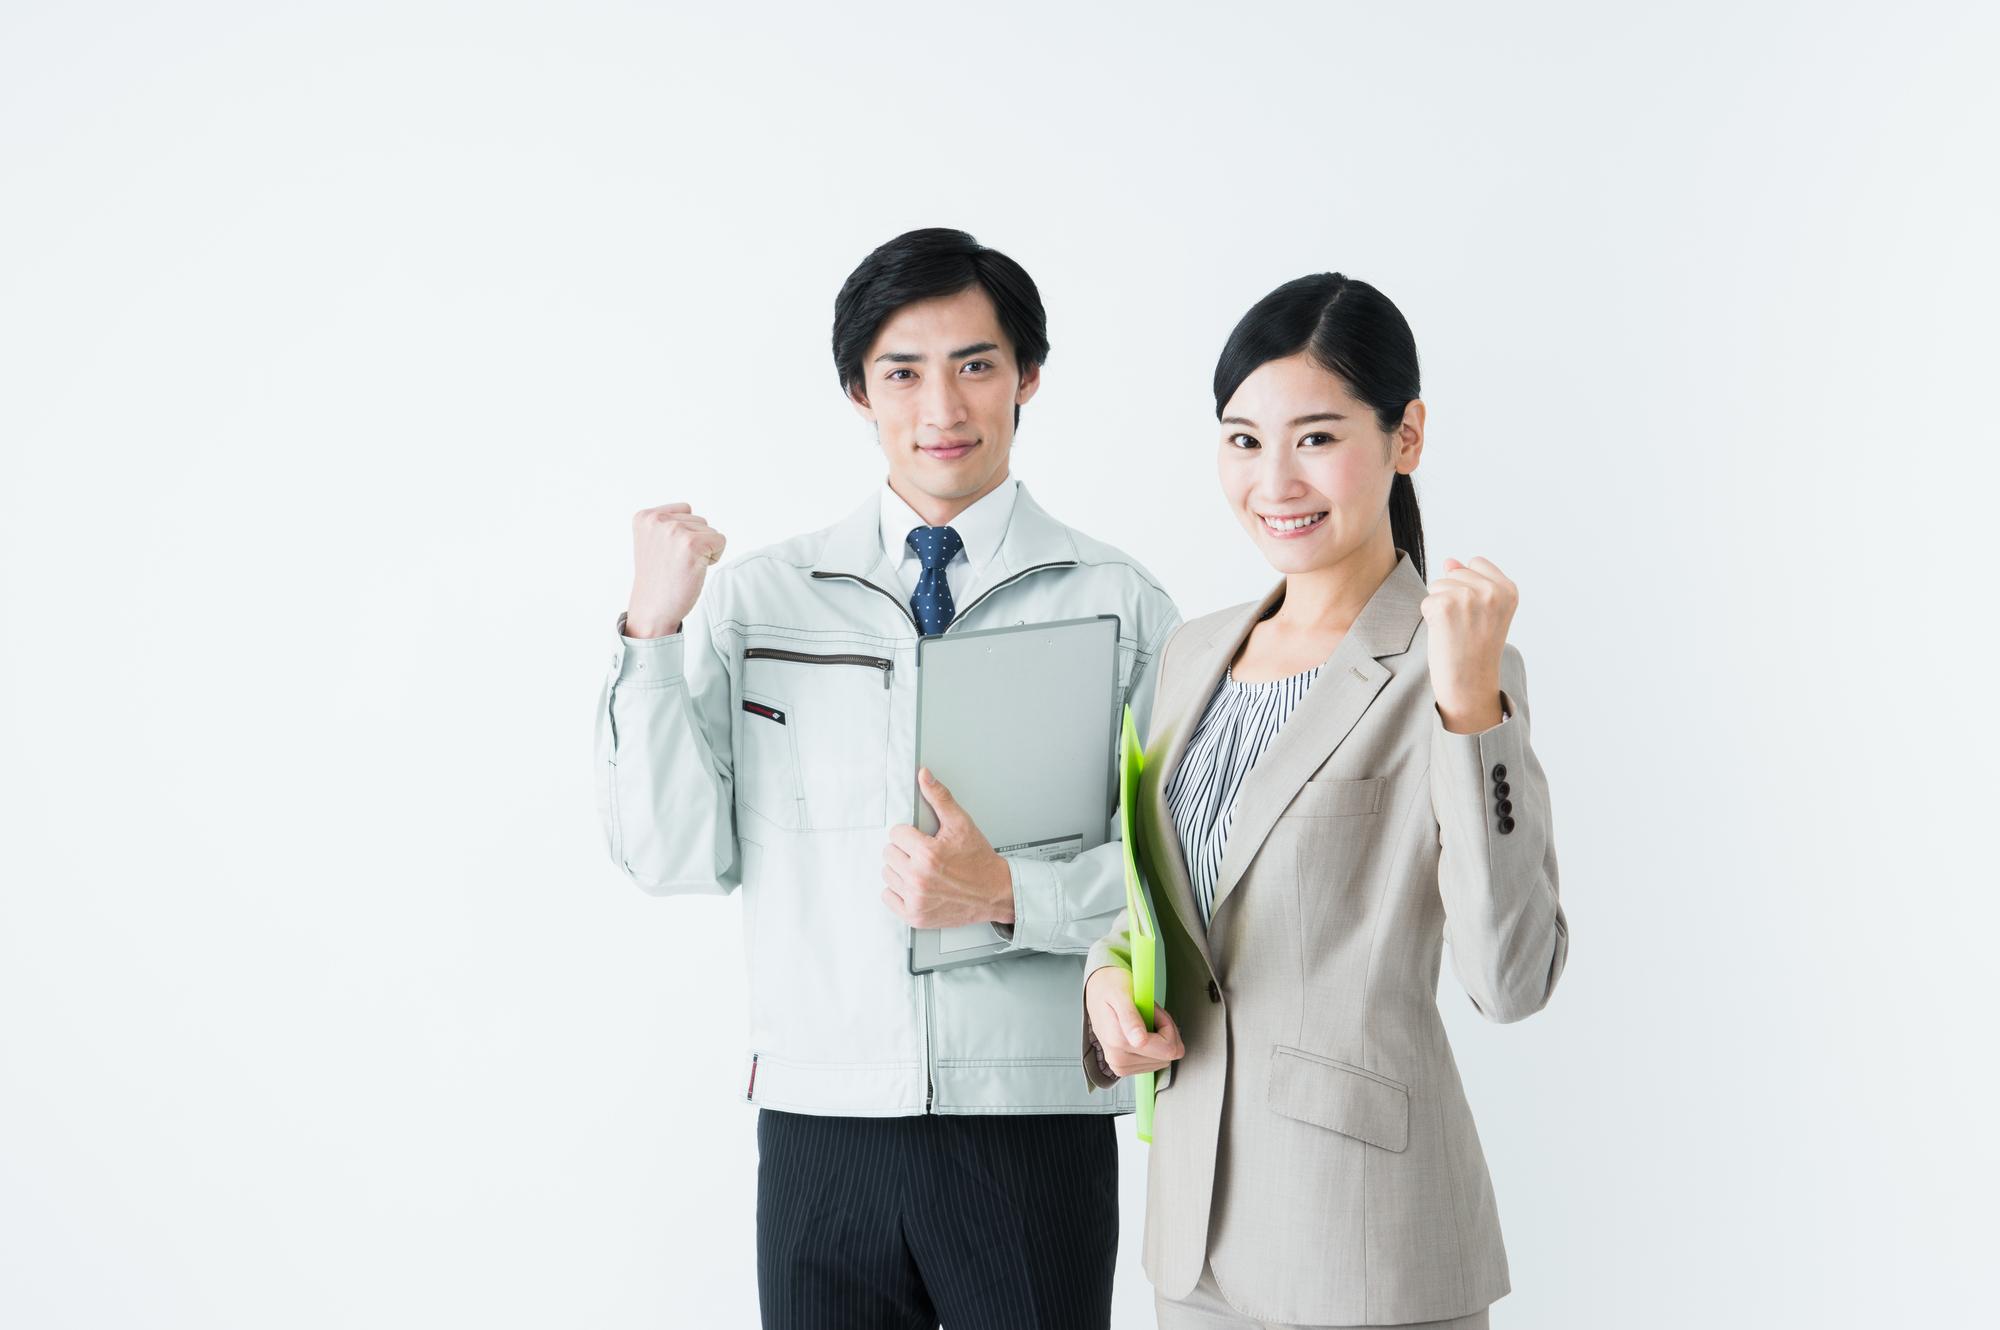 家事代行サービスのCaSy、「除菌清掃サービス」を4月3日(金)から開始